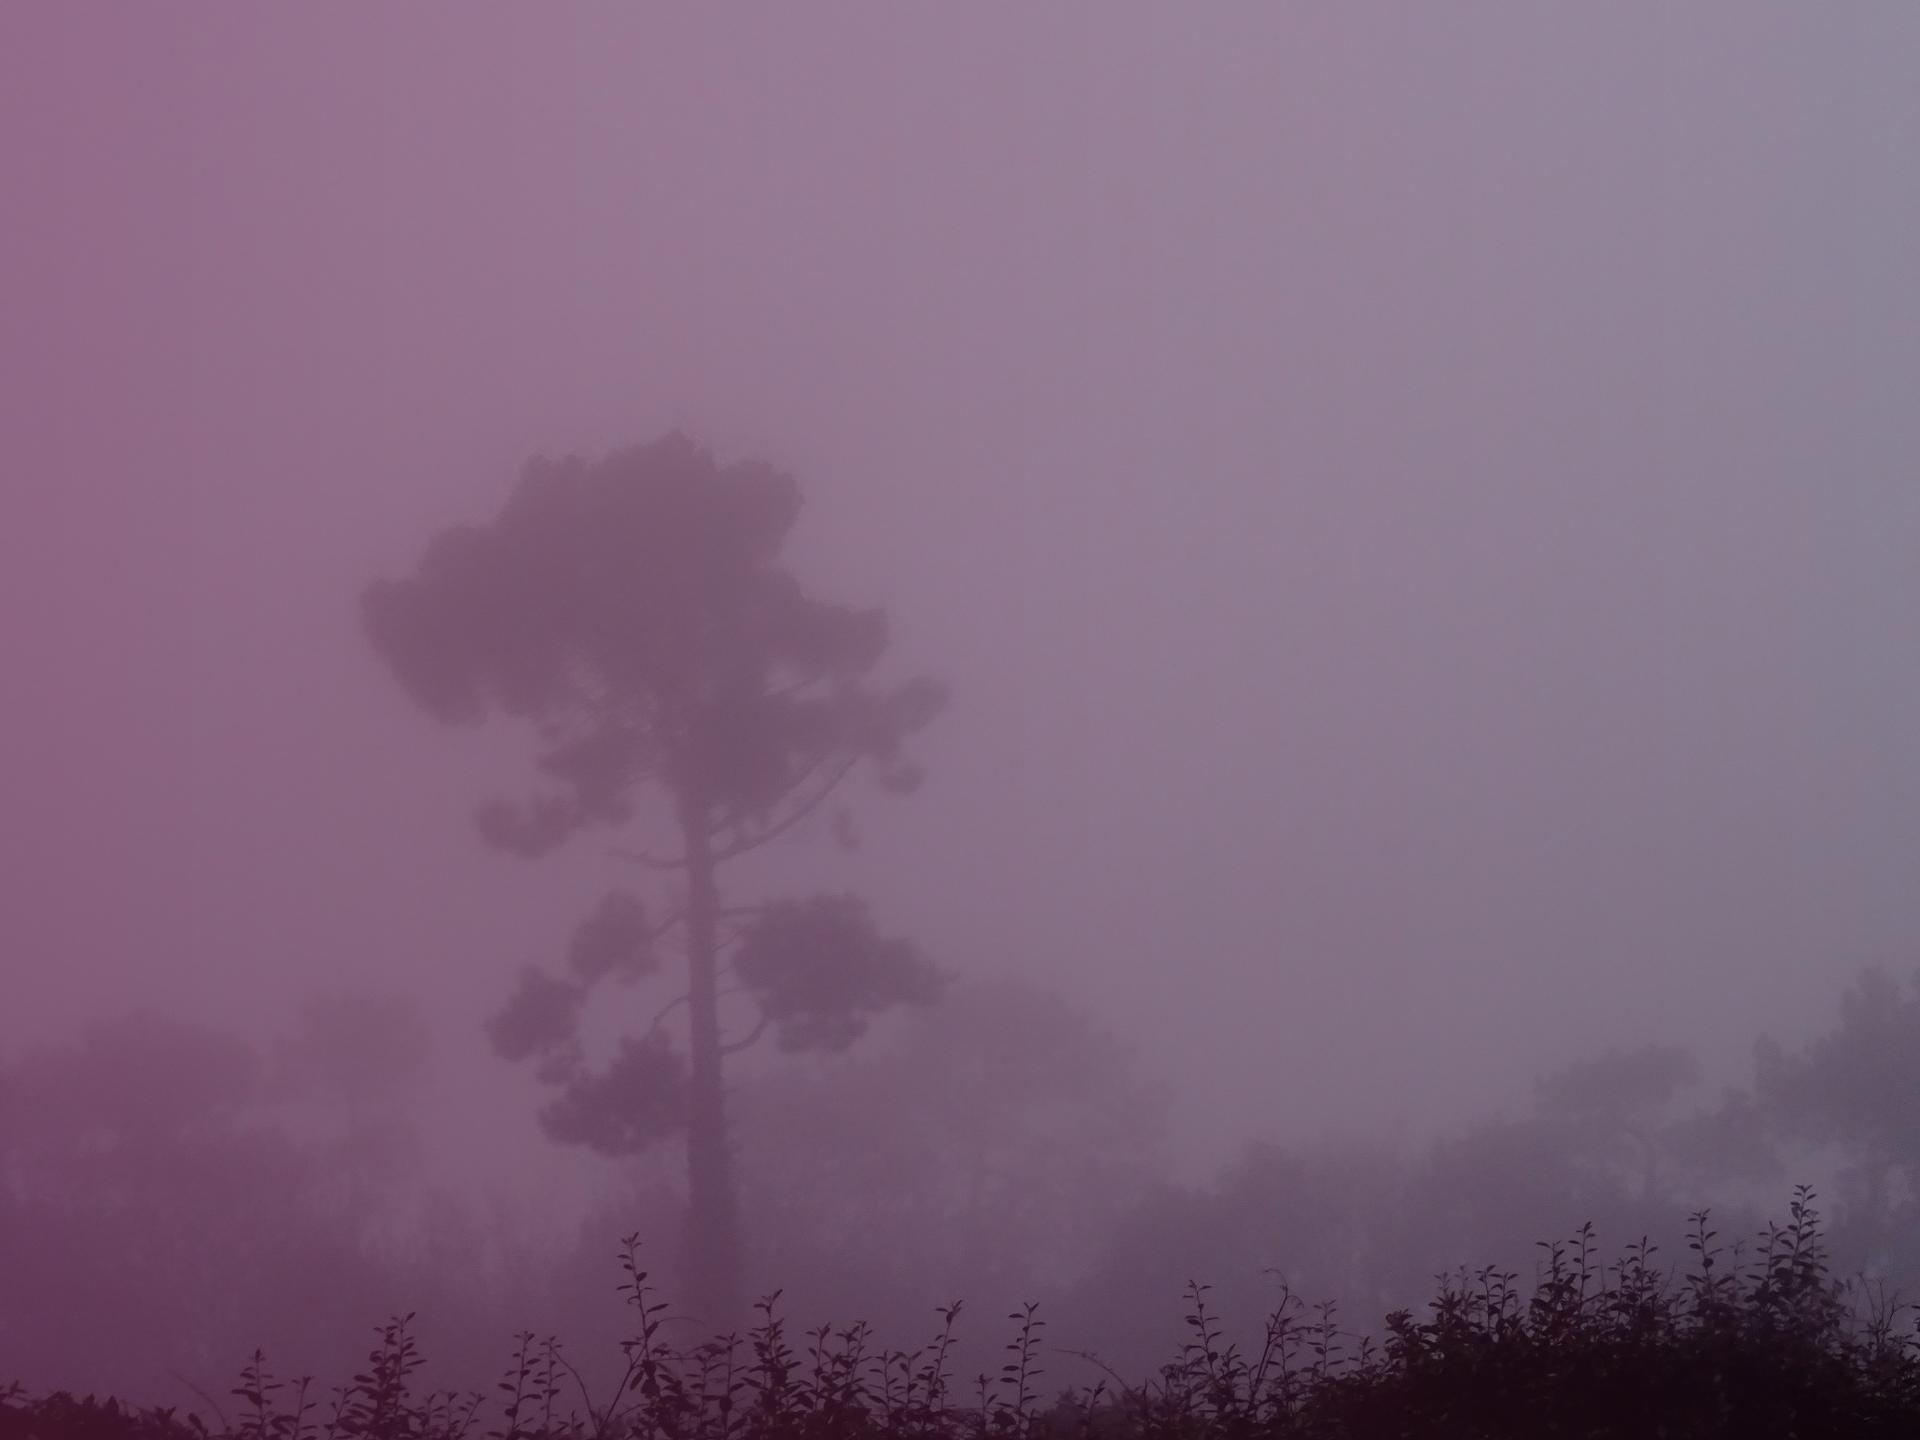 pin dans la brume